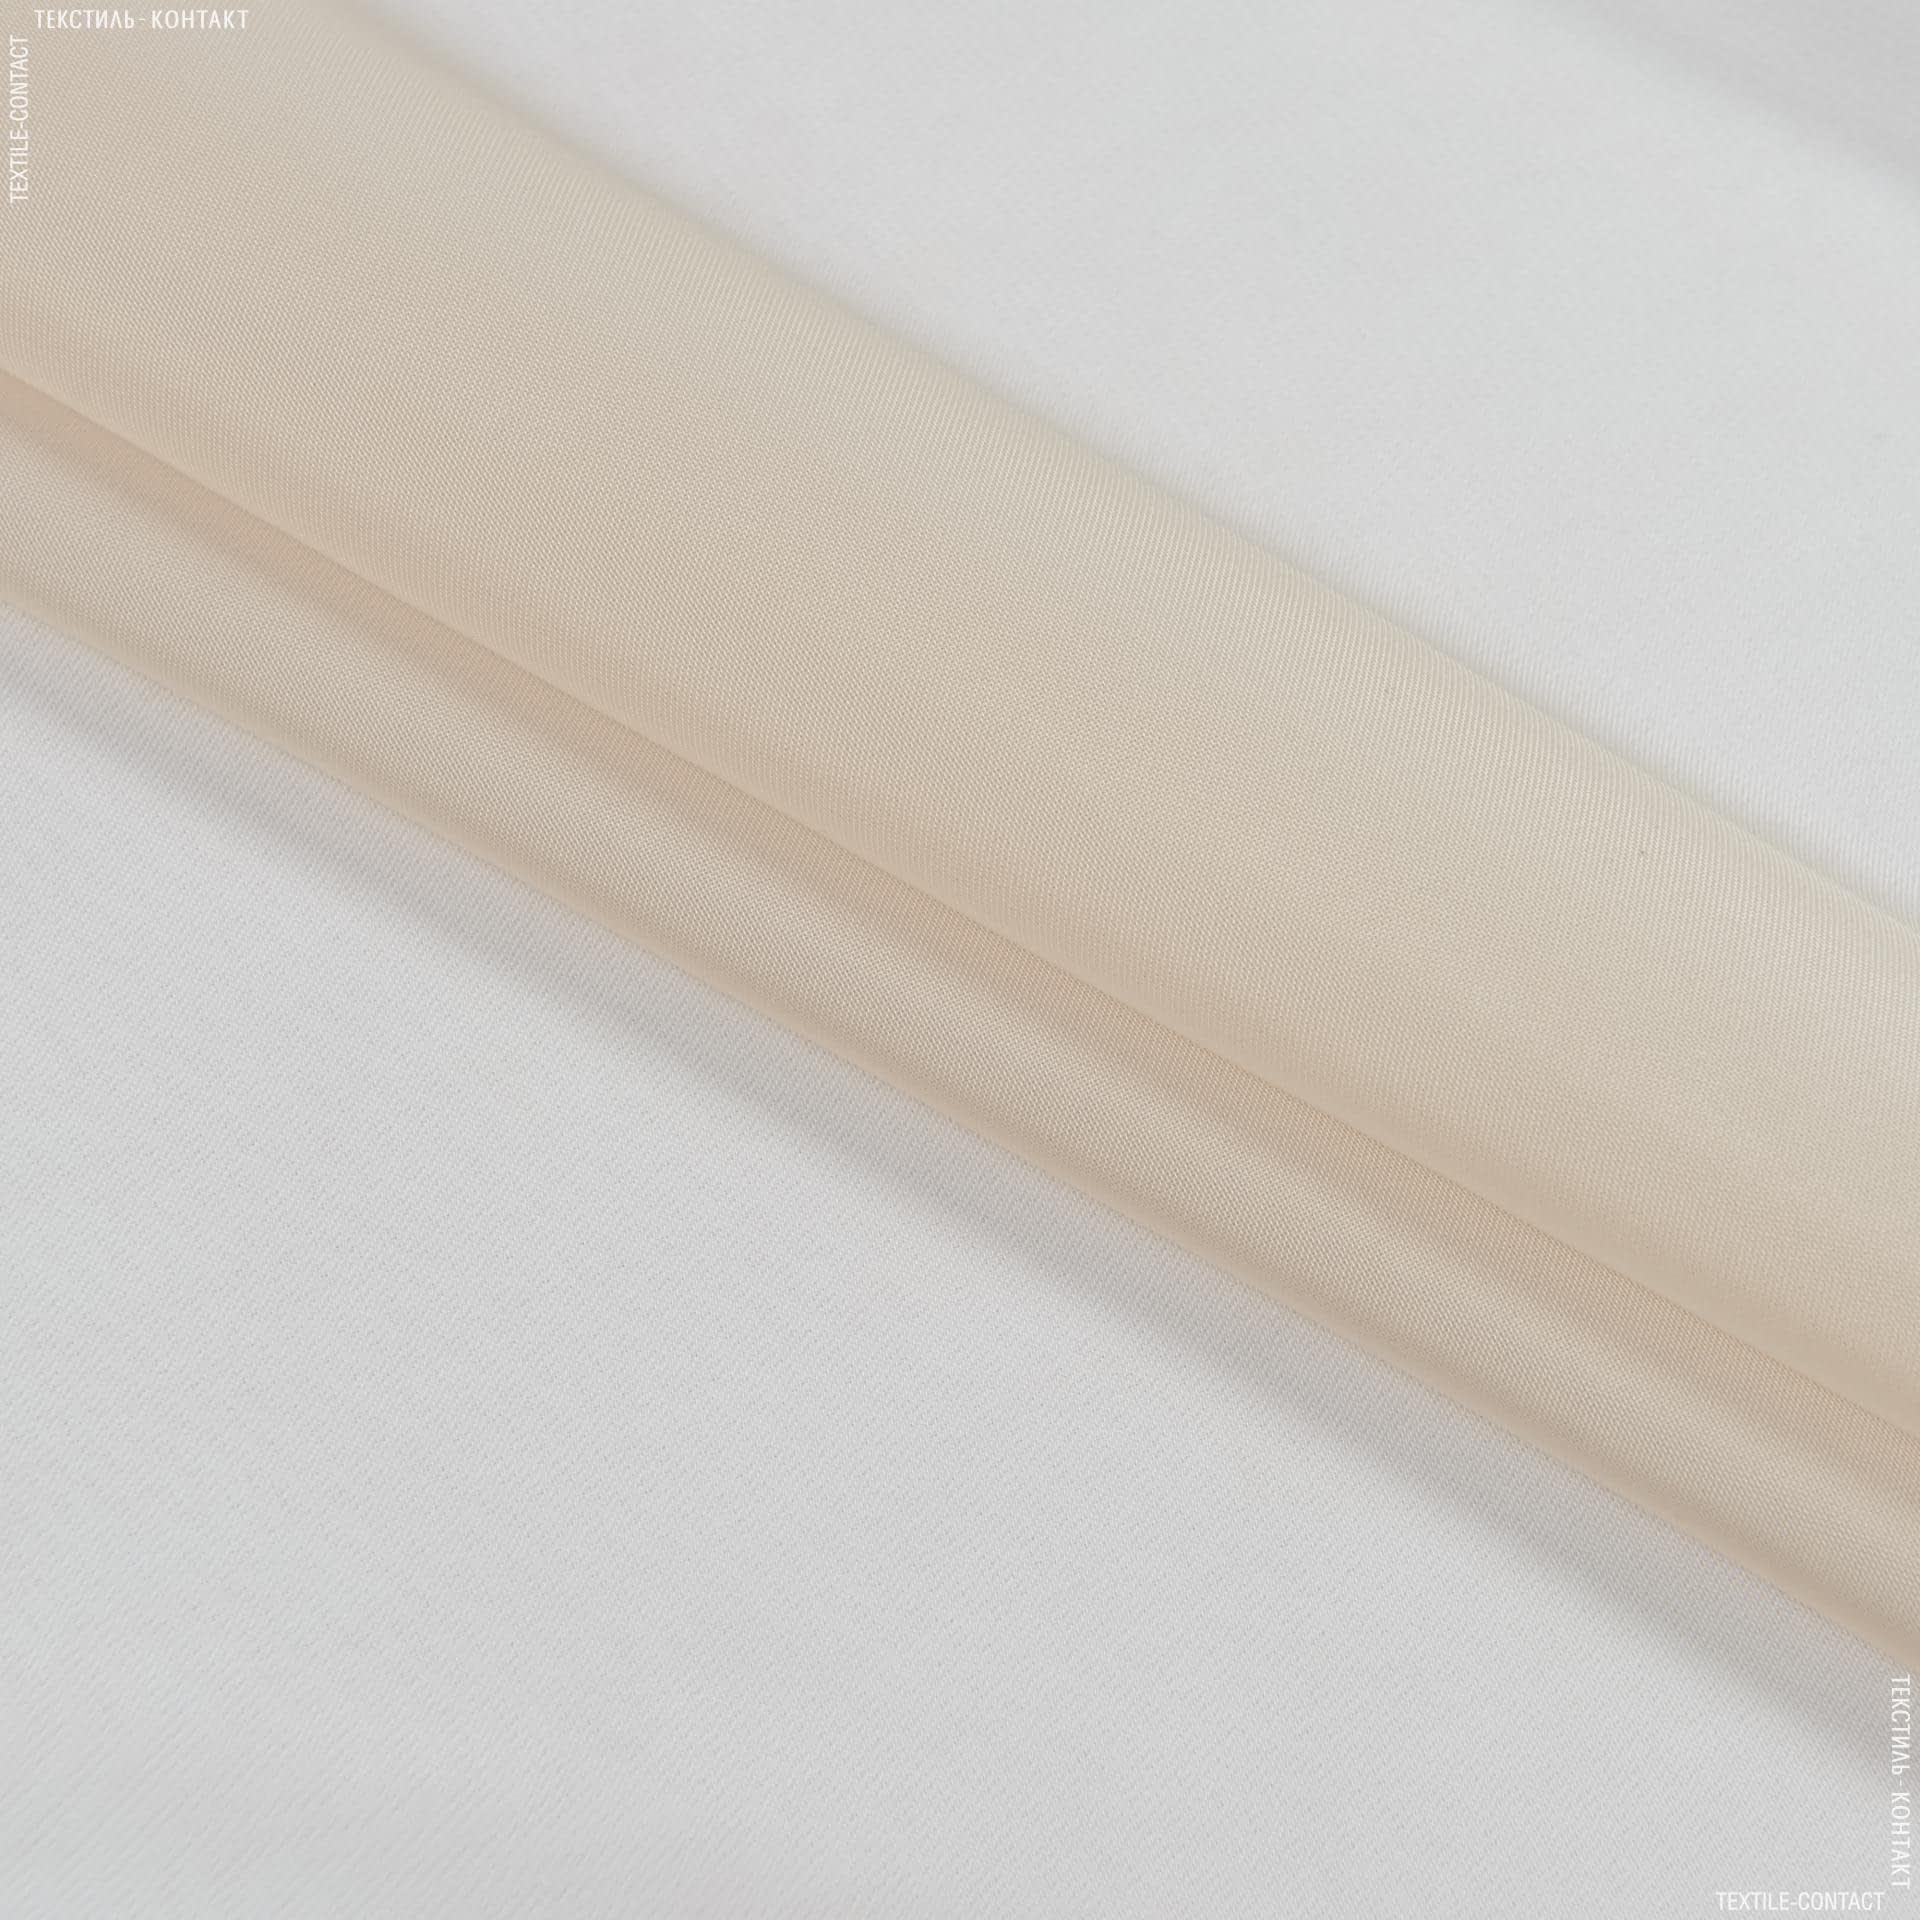 Ткани гардинные ткани - Тюль  вуаль св.беж